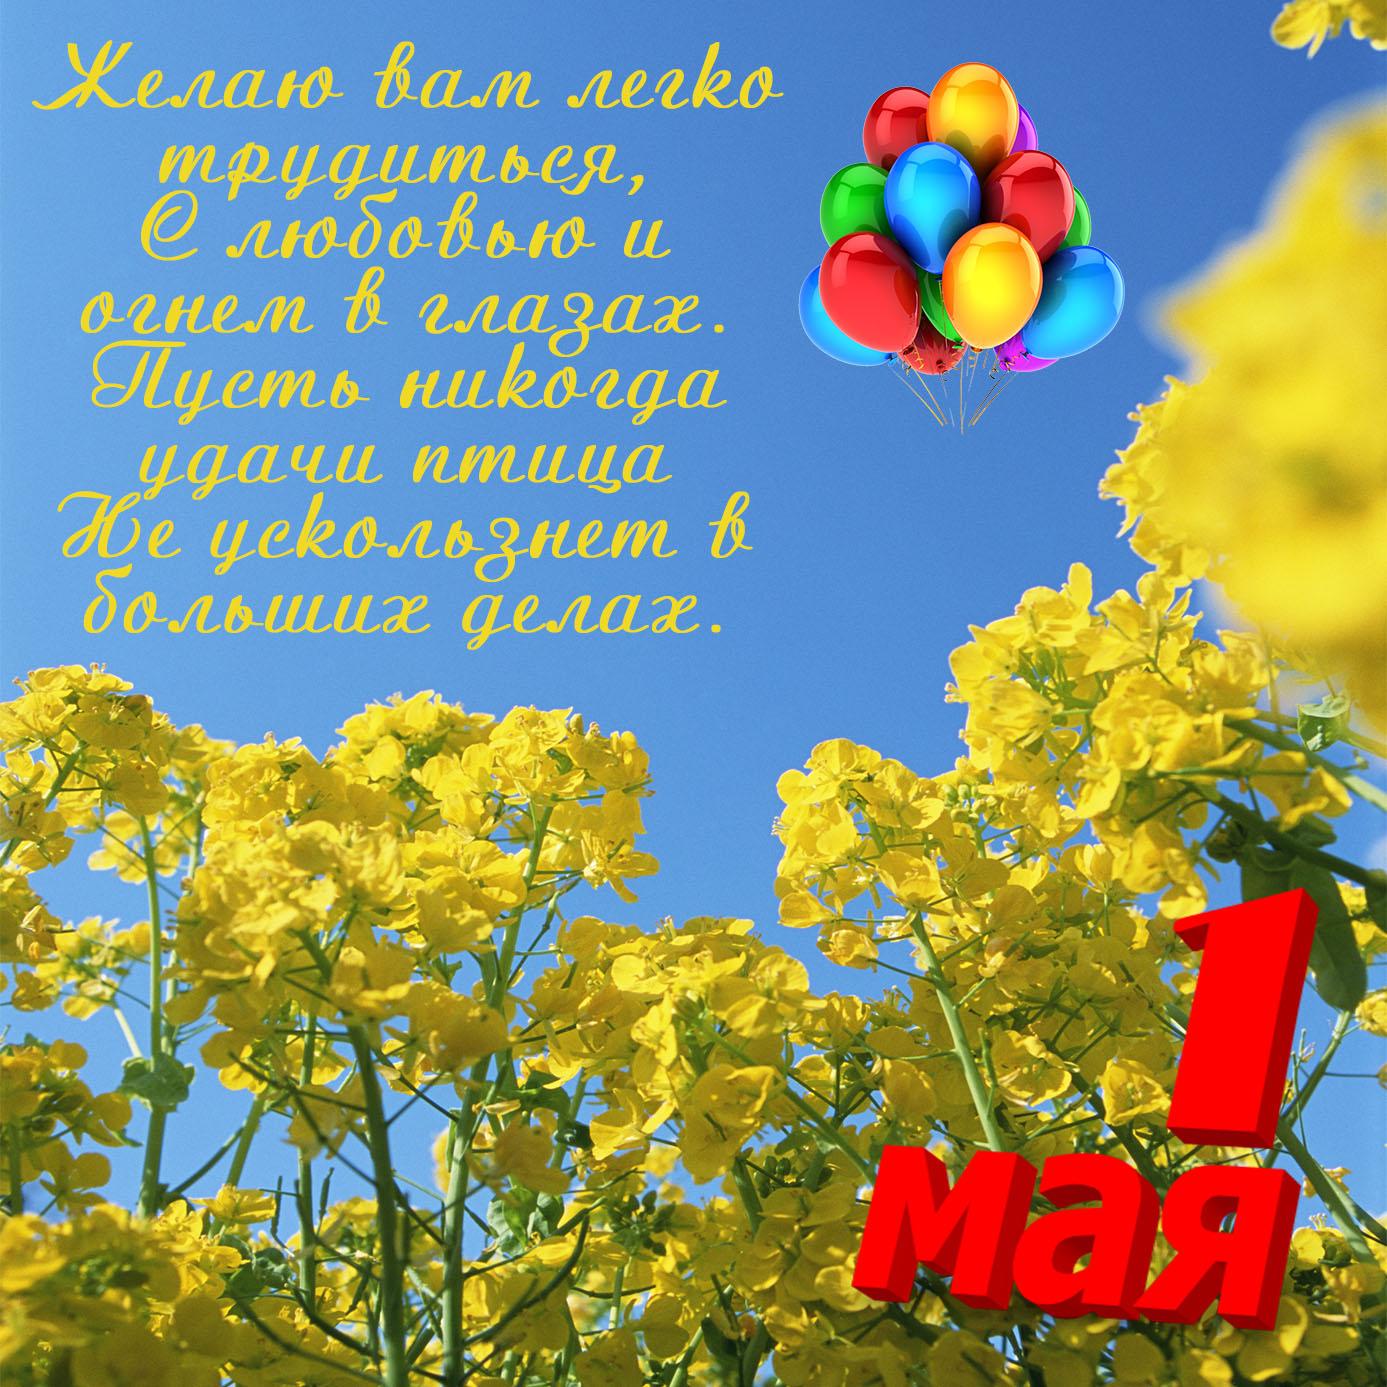 Картинка с шариками в голубом небе на 1 мая